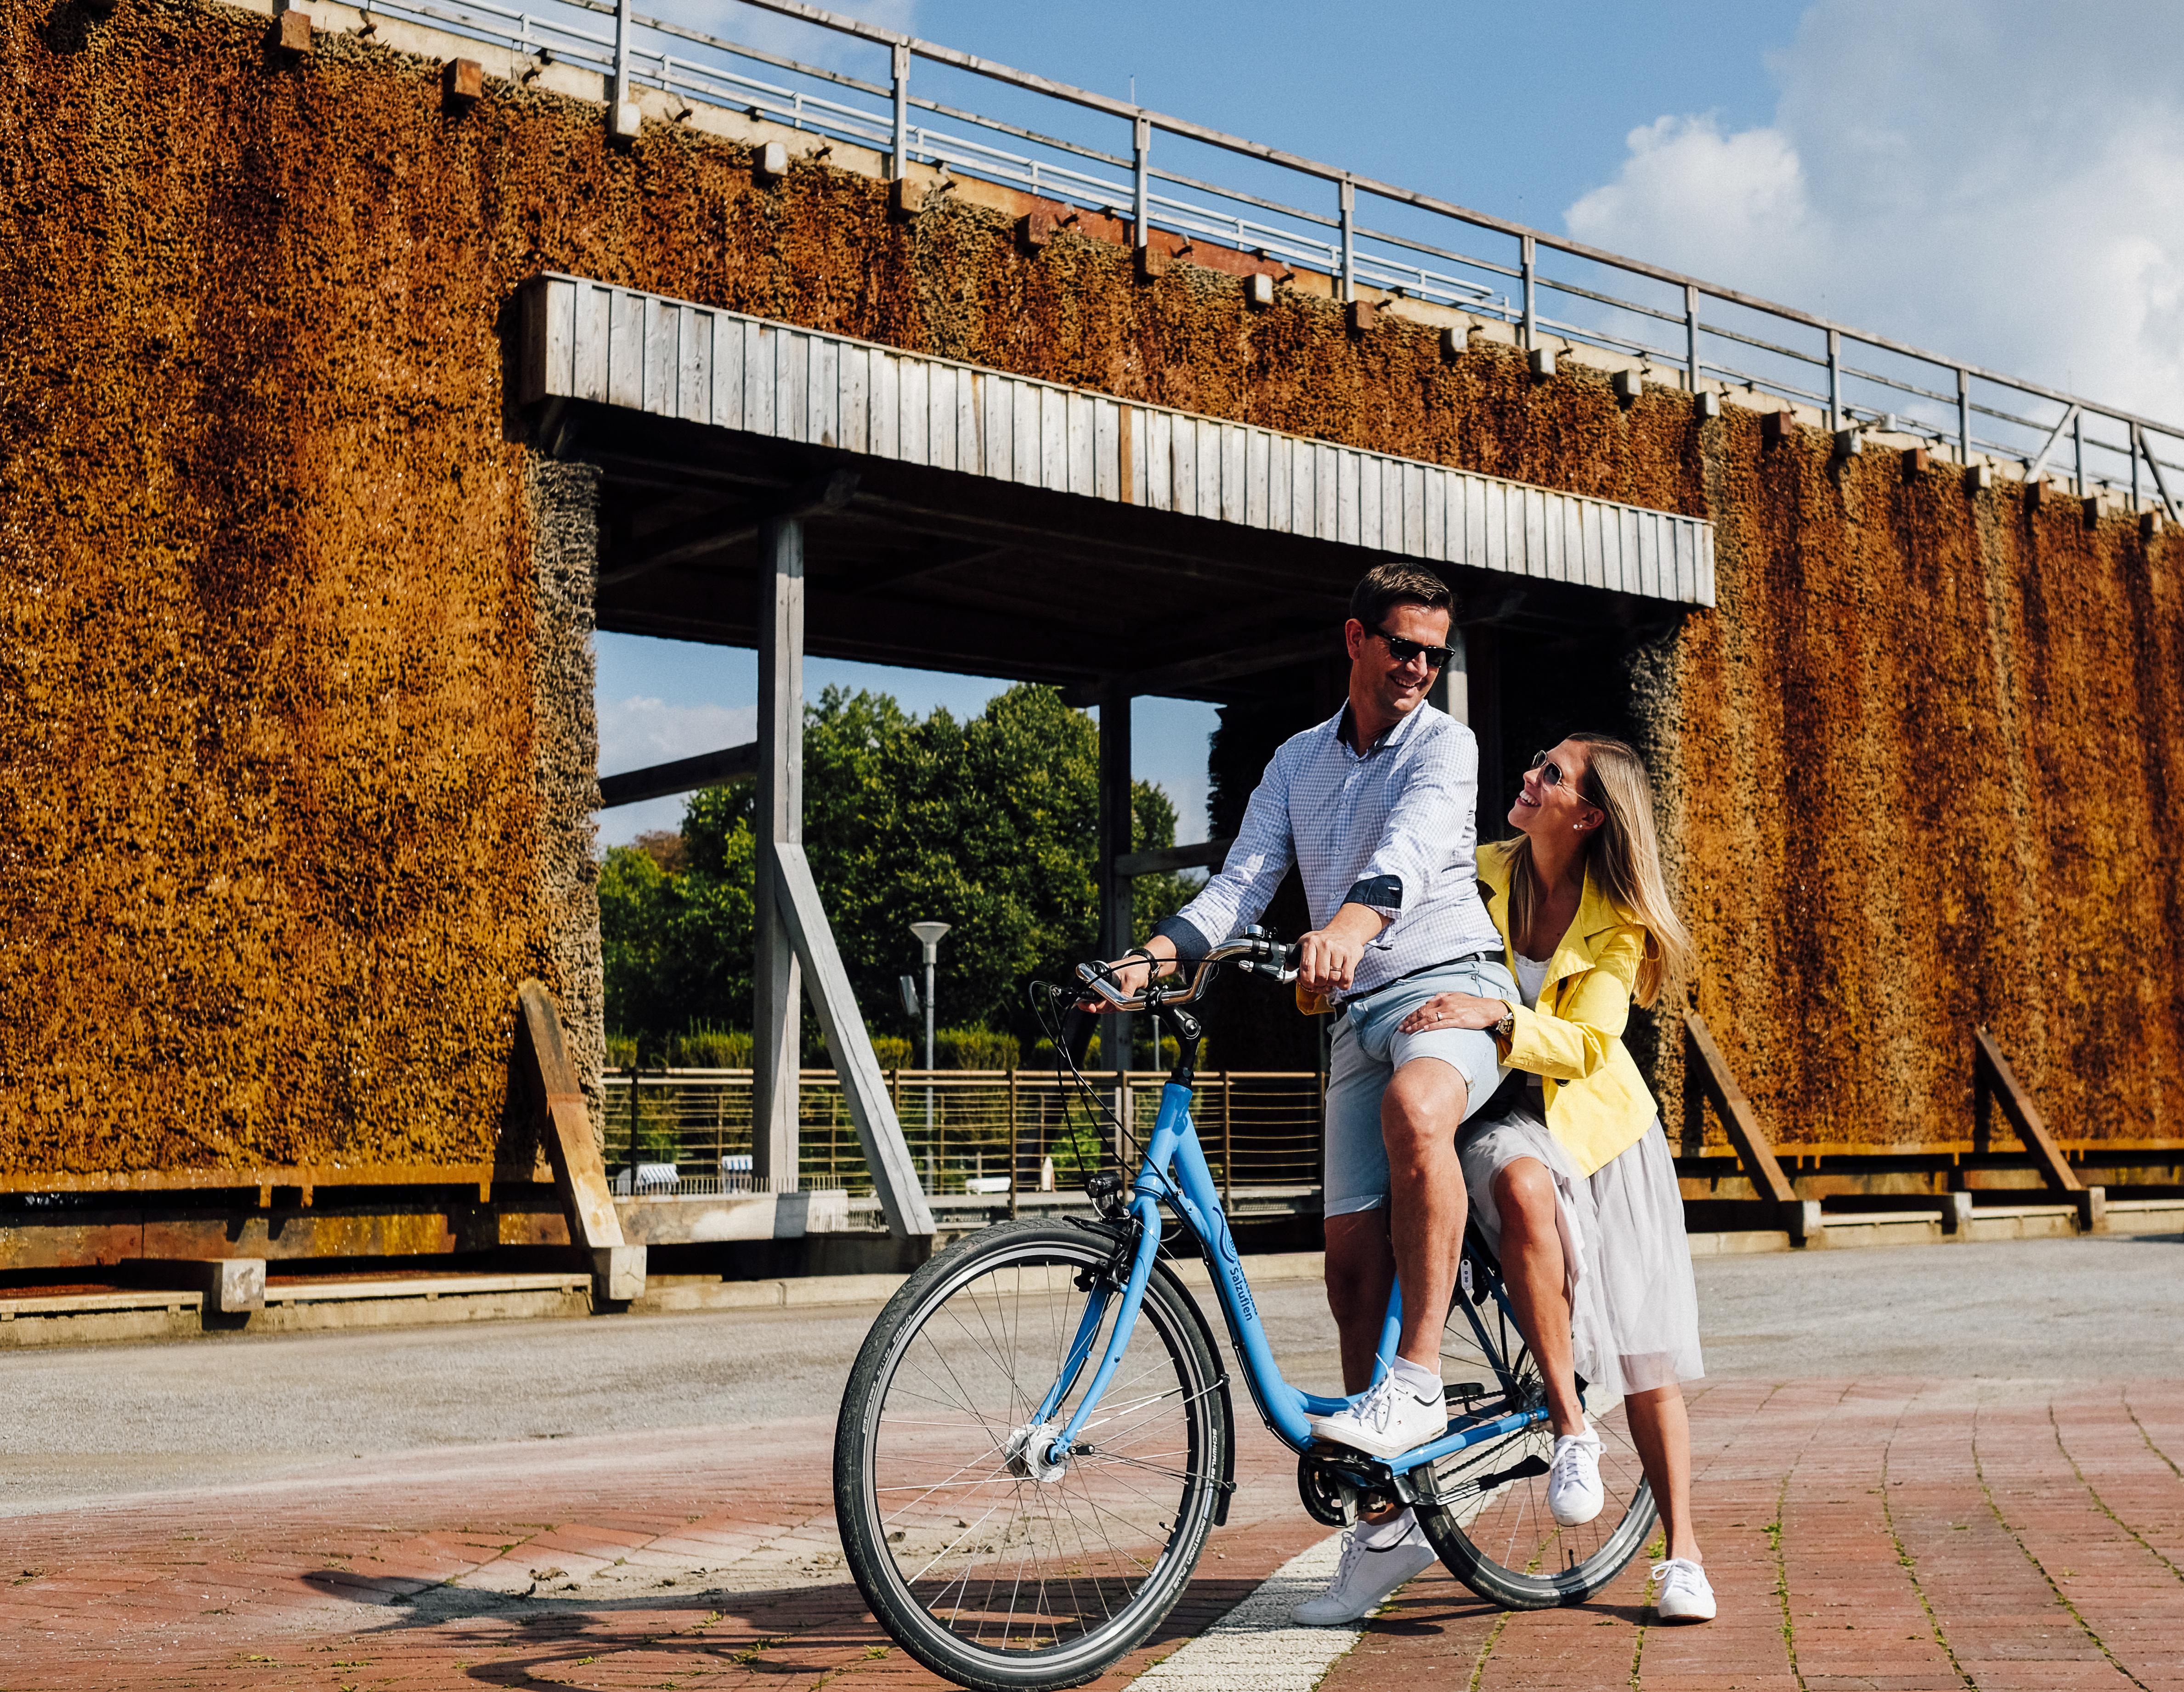 staatsbad-salzuflen_paar-mit-fahrrad